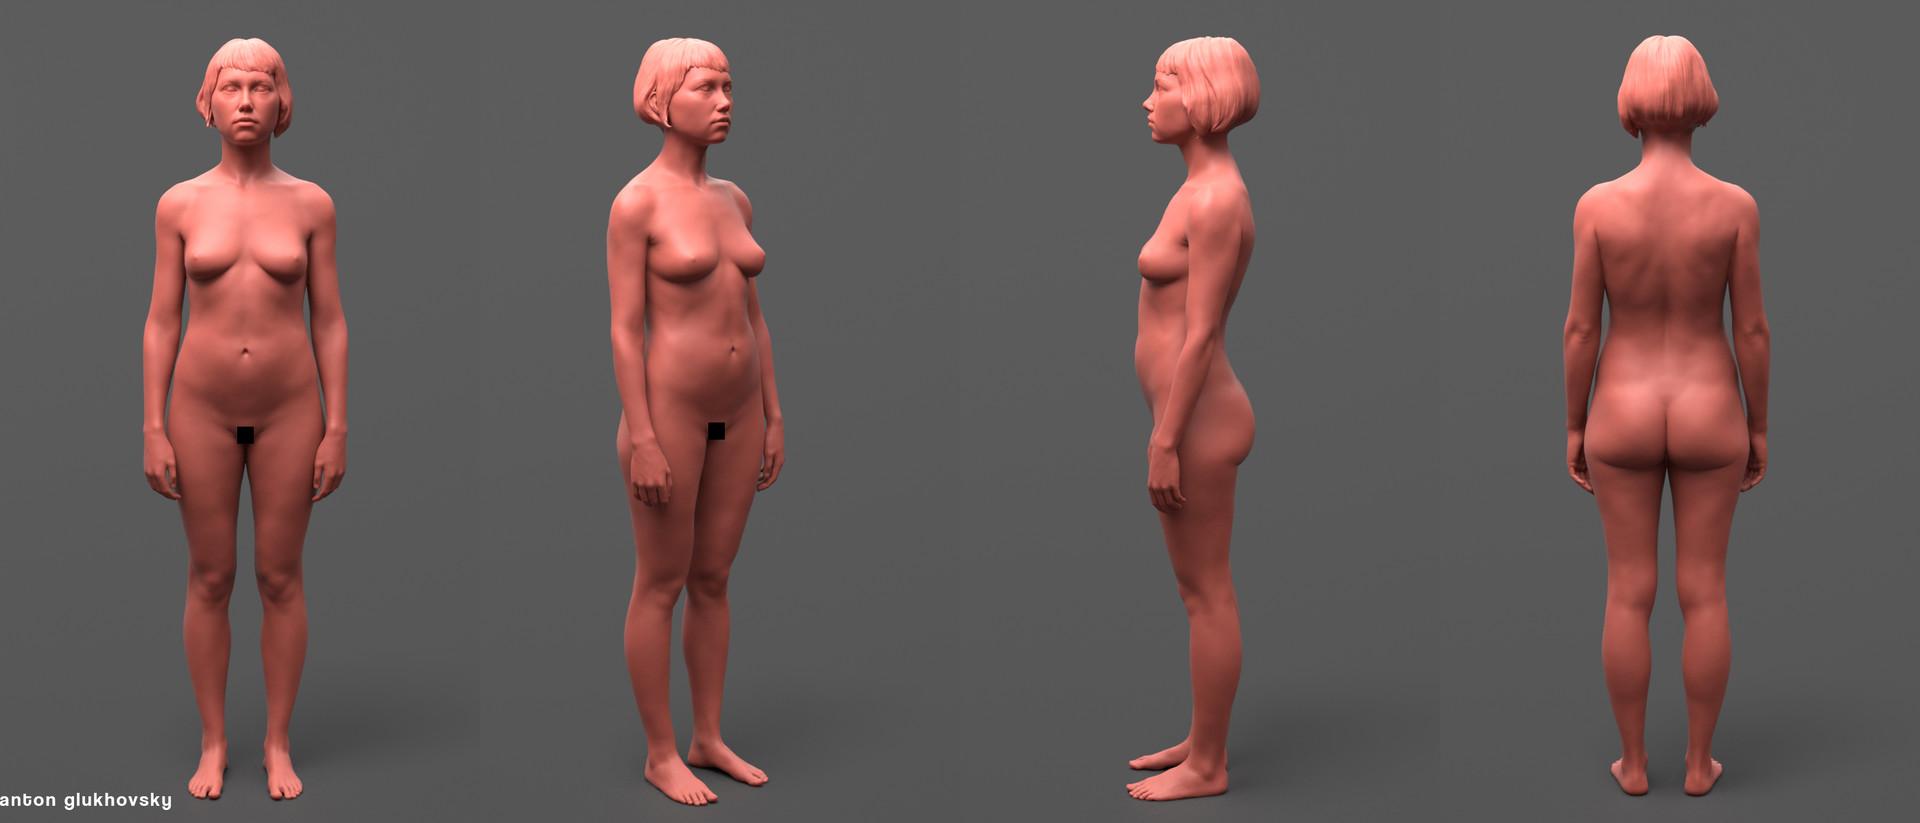 ArtStation - Female anatomy study (finished), Anton Glukhovsky